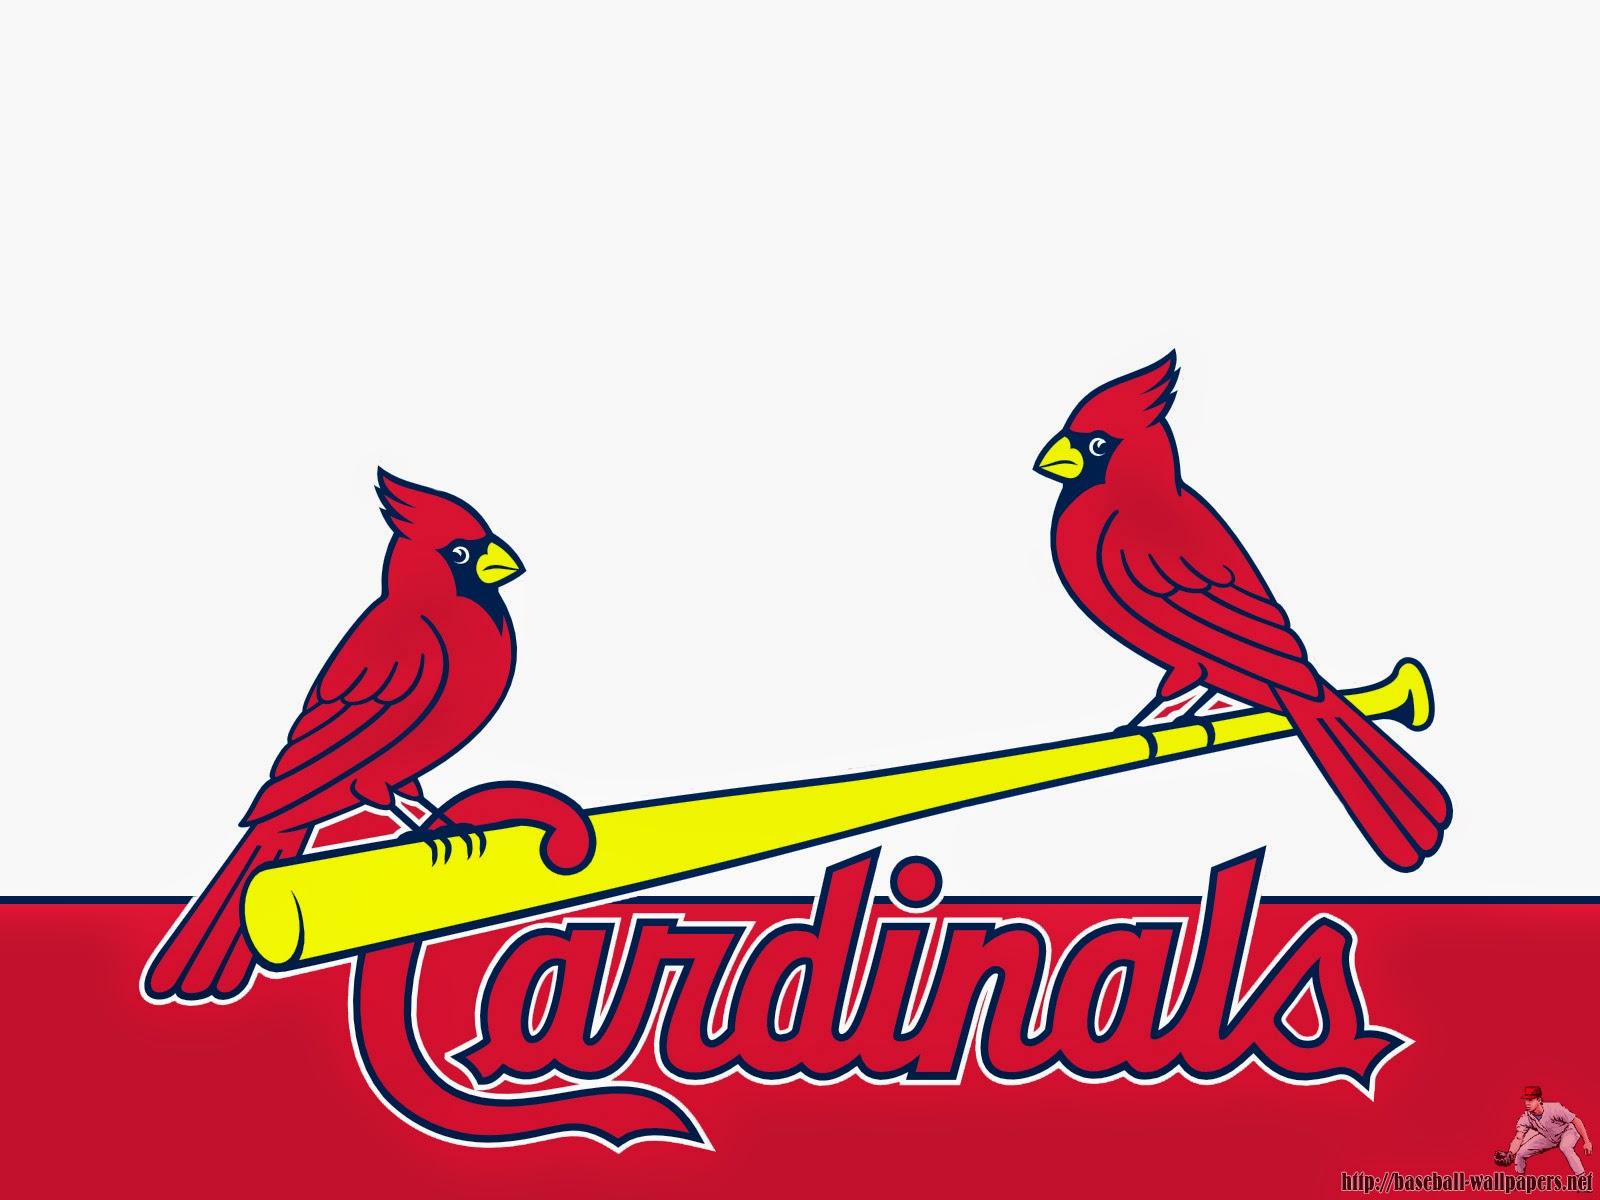 Heftyinfo: Major League Baseball